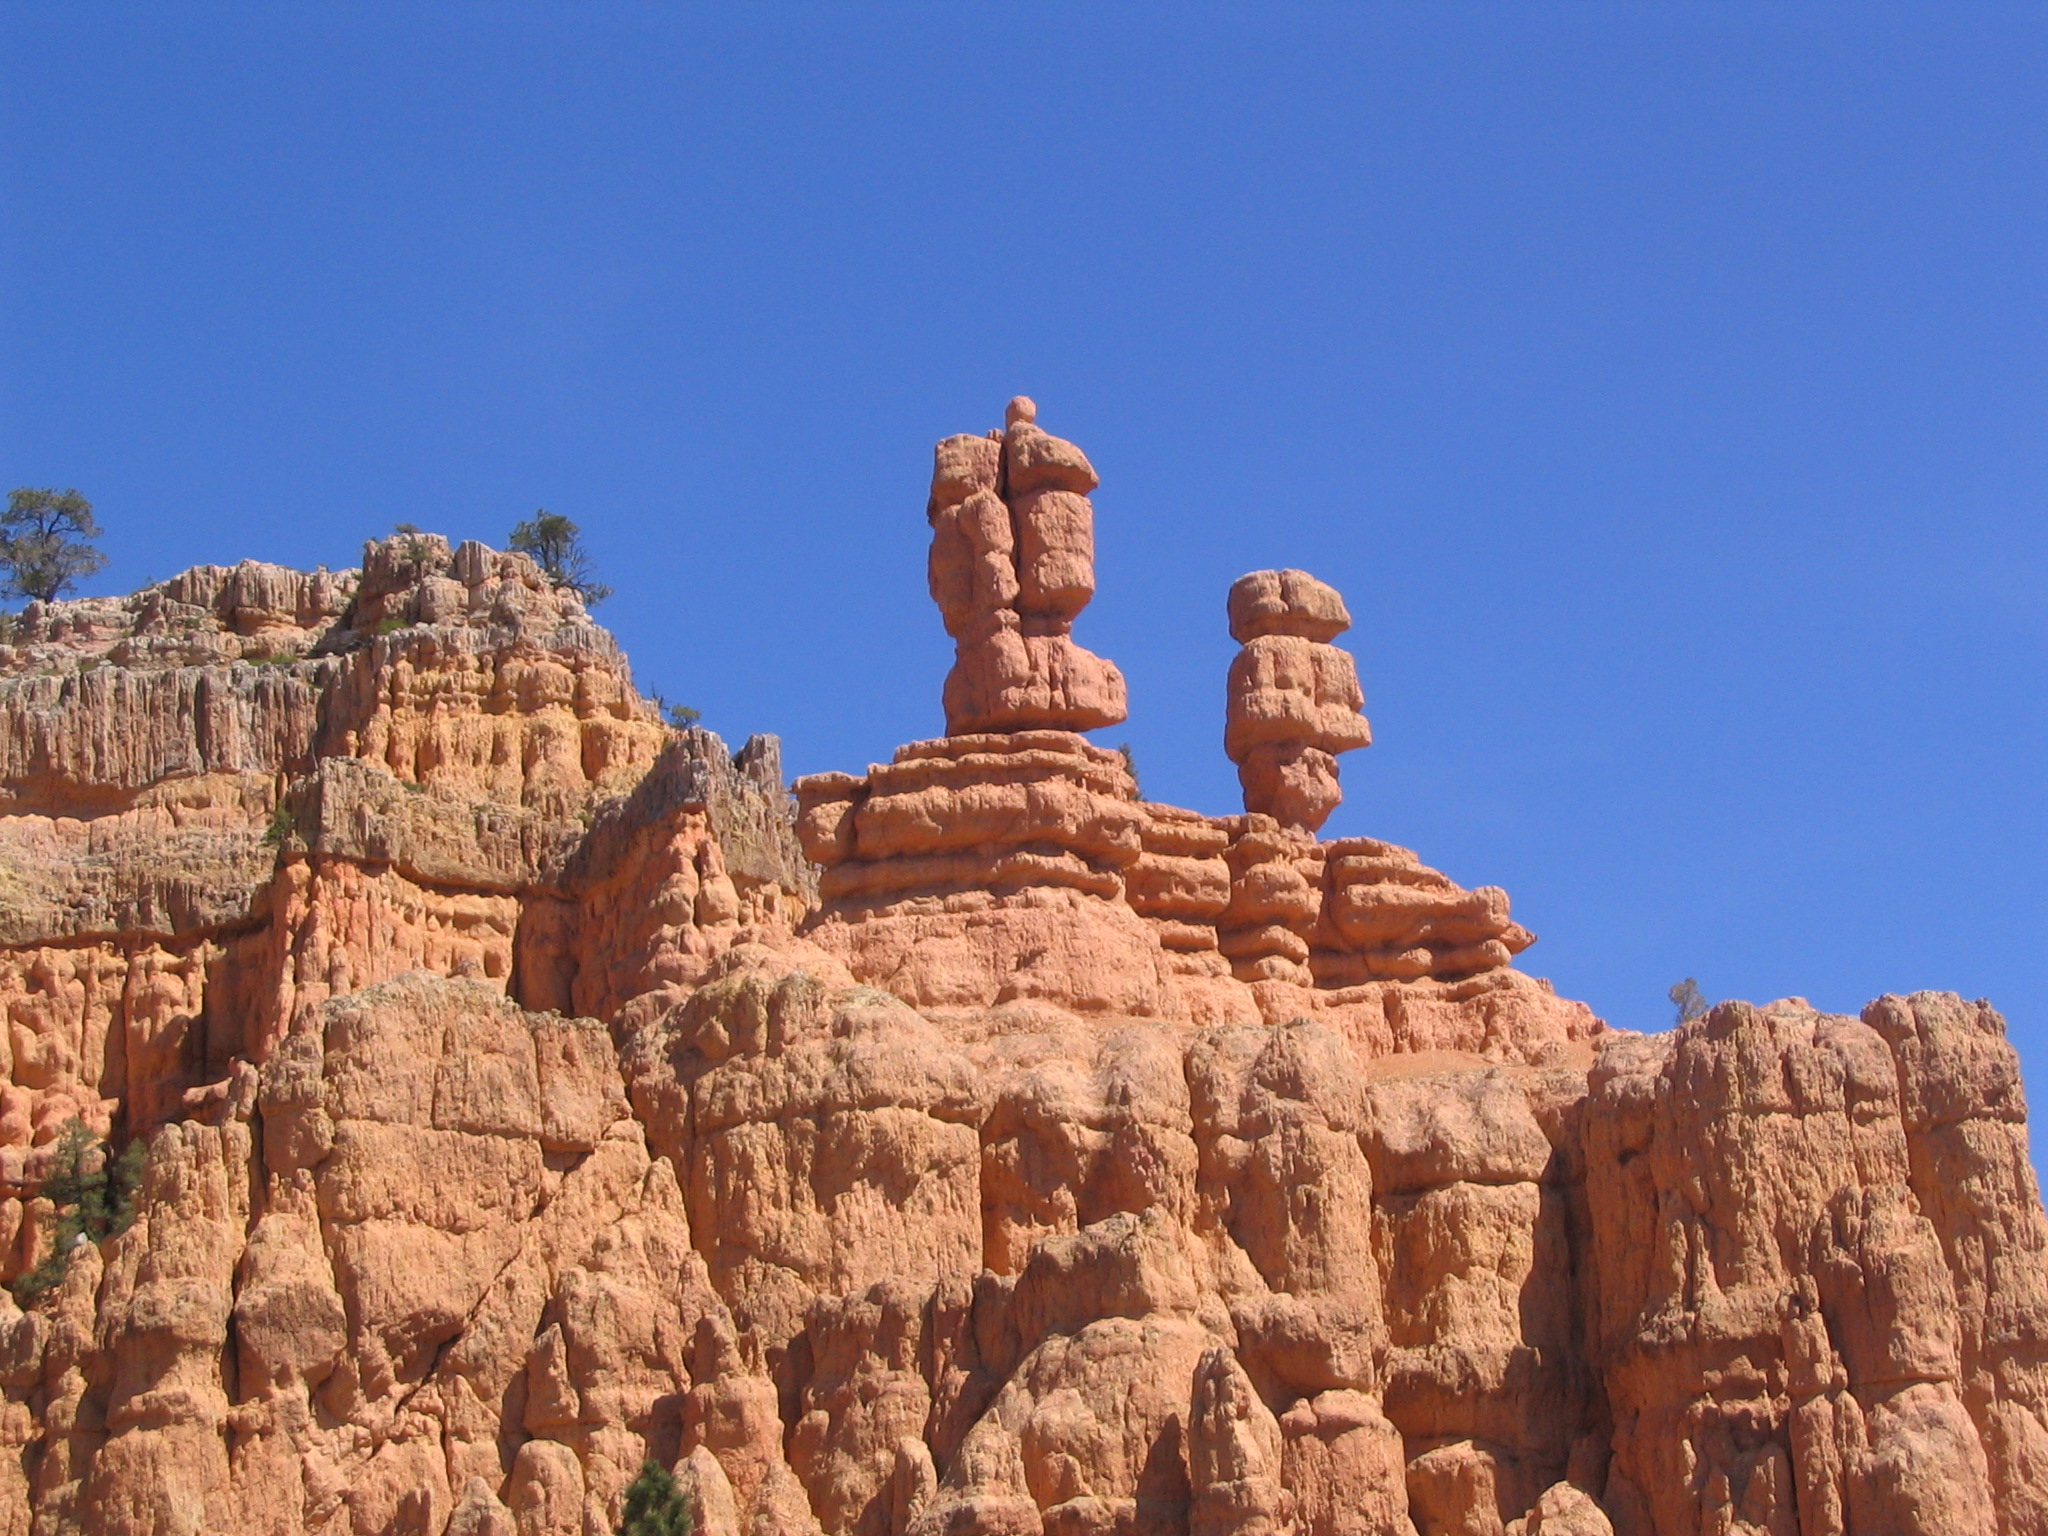 Utah Desert, Cliffs, Desert, Mountain, Rocks, HQ Photo